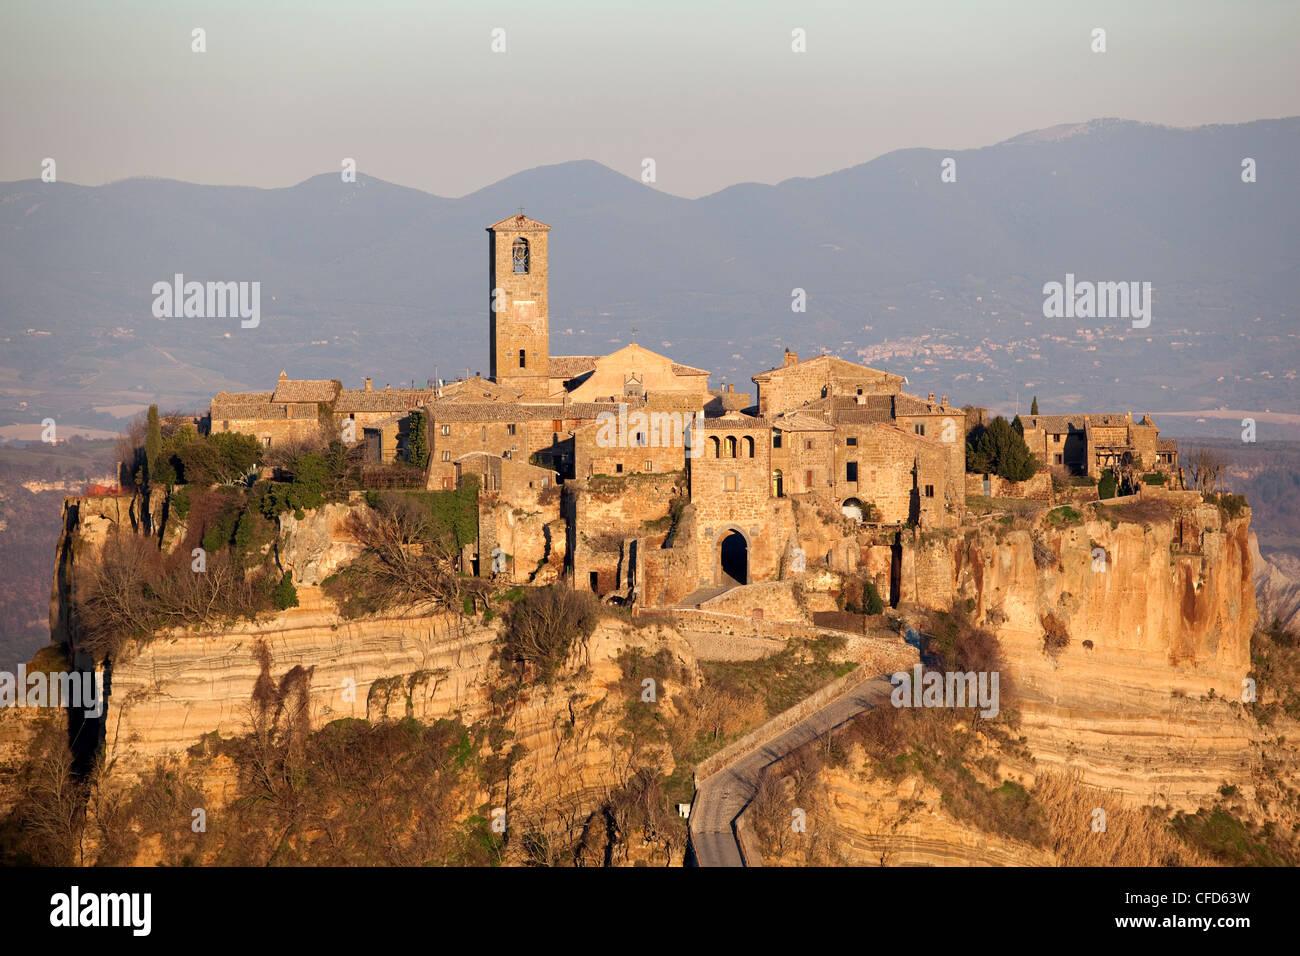 Civita di Bagnoreggio, a unique example of a Middle Ages city, Lazio, Italy, Europe - Stock Image